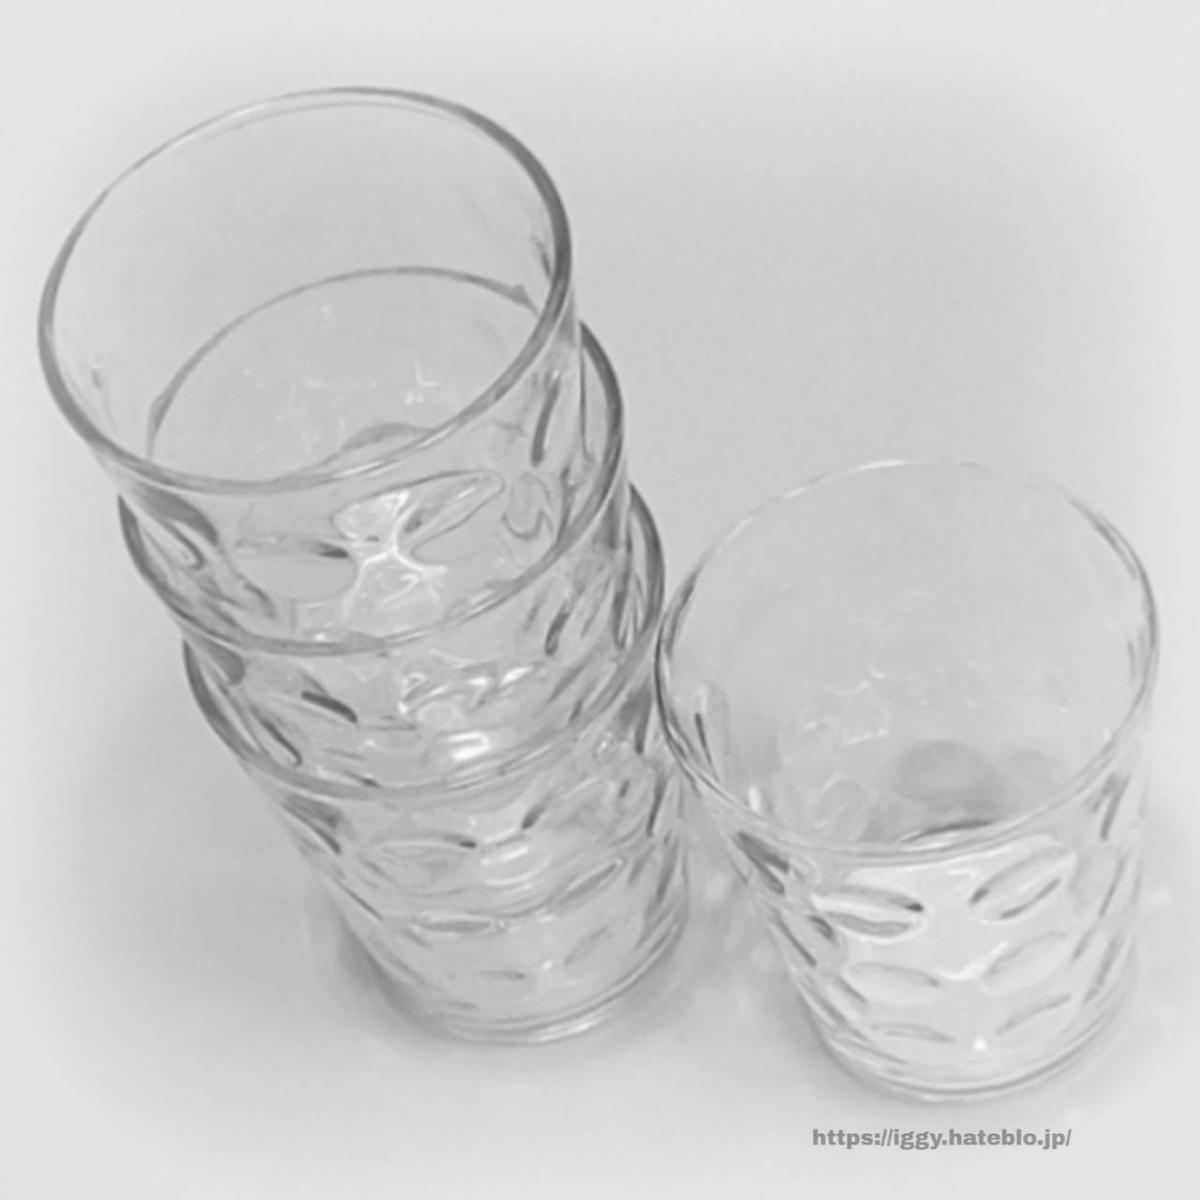 ニトリ グラス4個セット② iggy2019